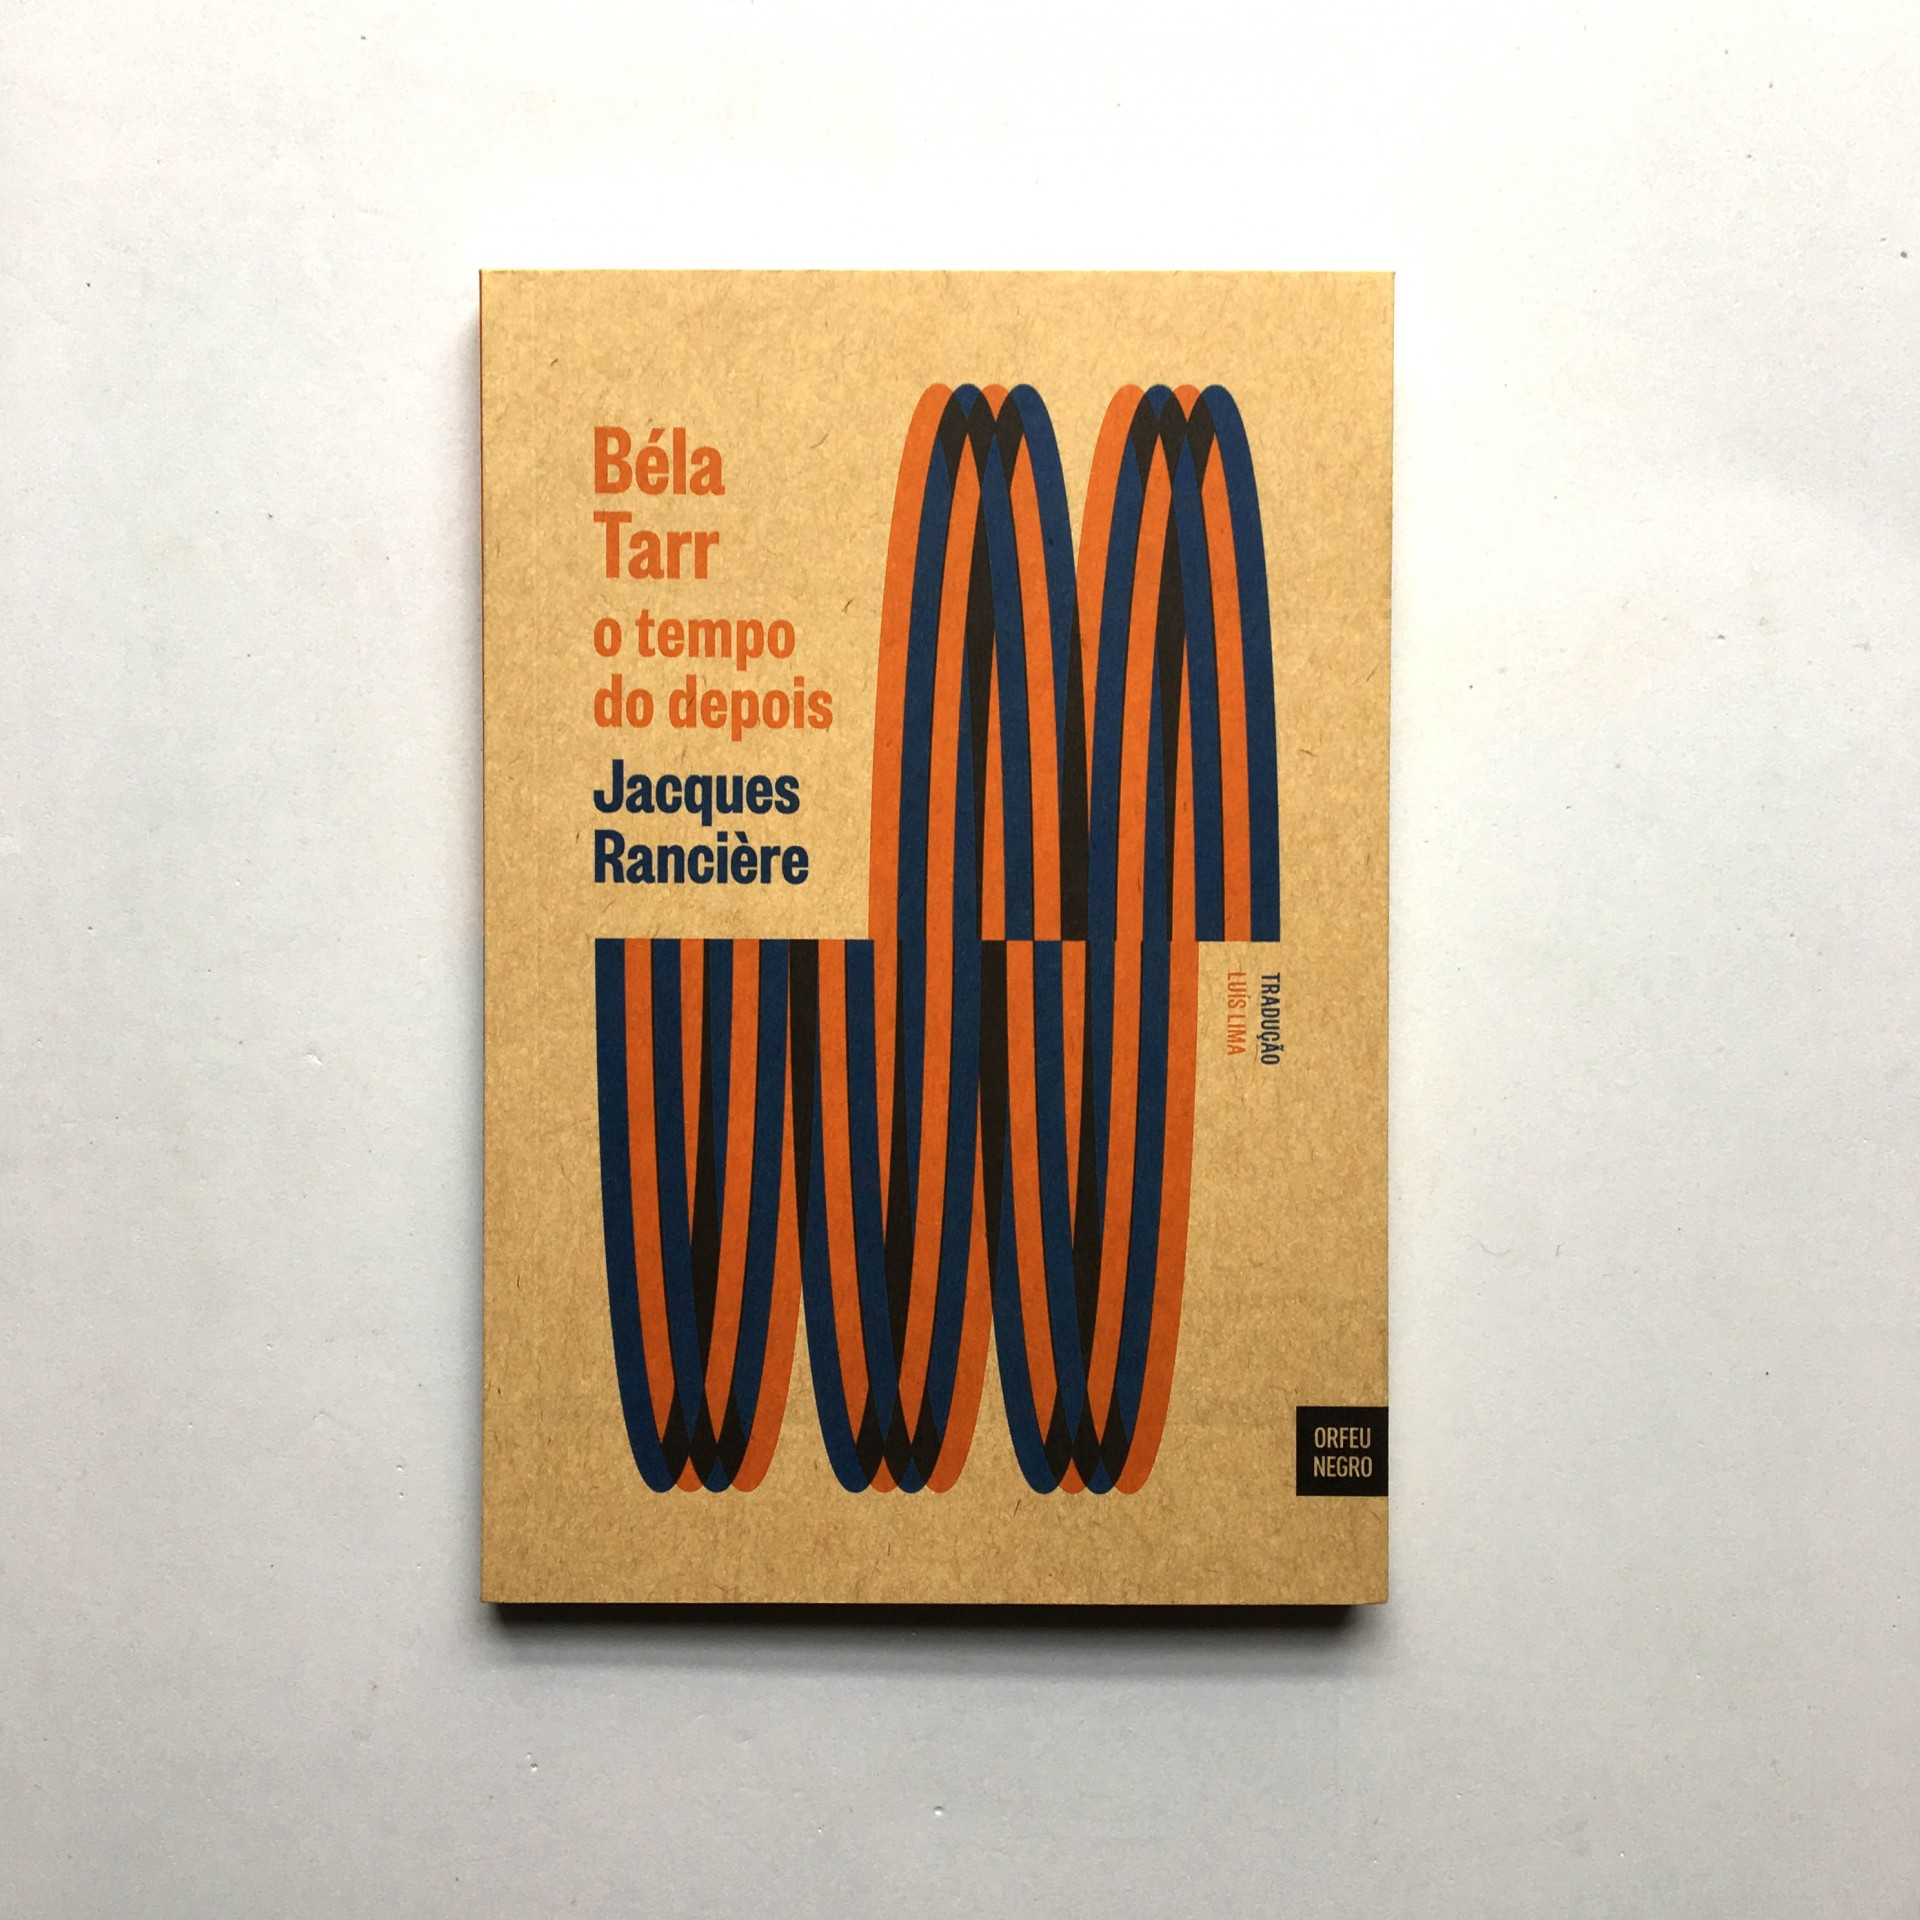 Béla Tarr: o tempo do depois